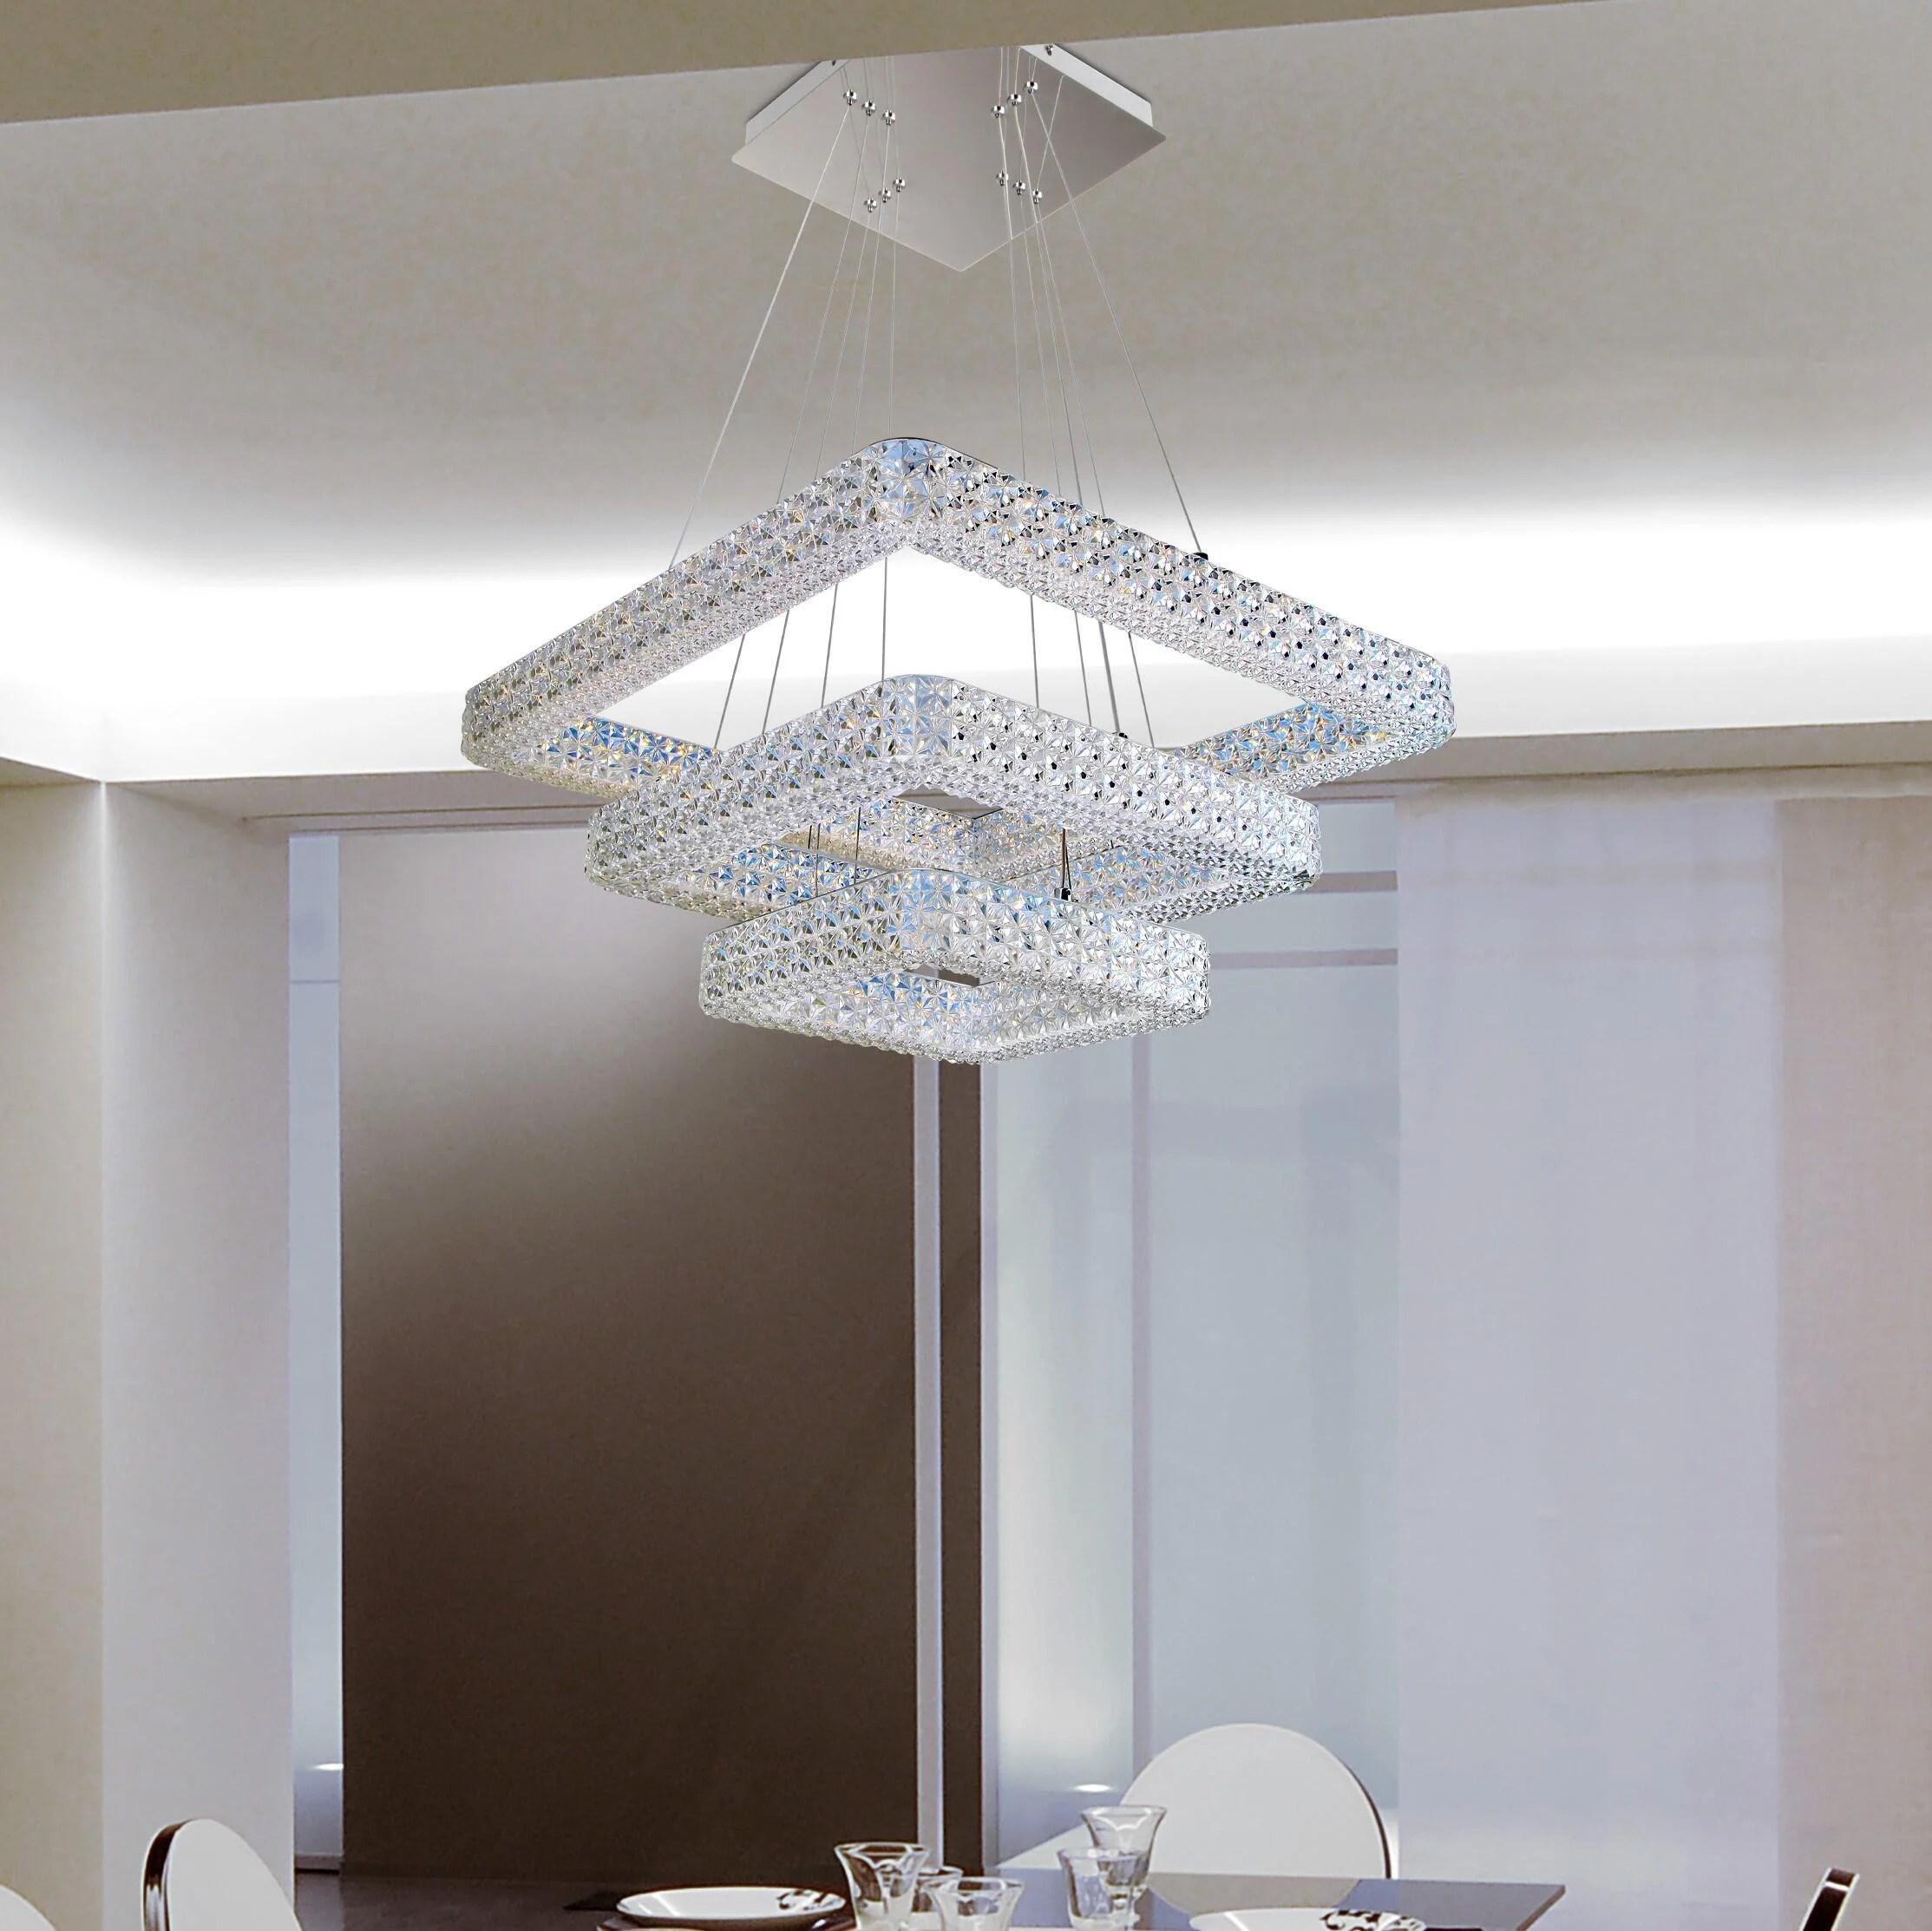 Vetro e cristallo sono per i lampadari classici. Lampadari A Sospensione Moderni Di Design Classici E Shabby Leroy Merlin